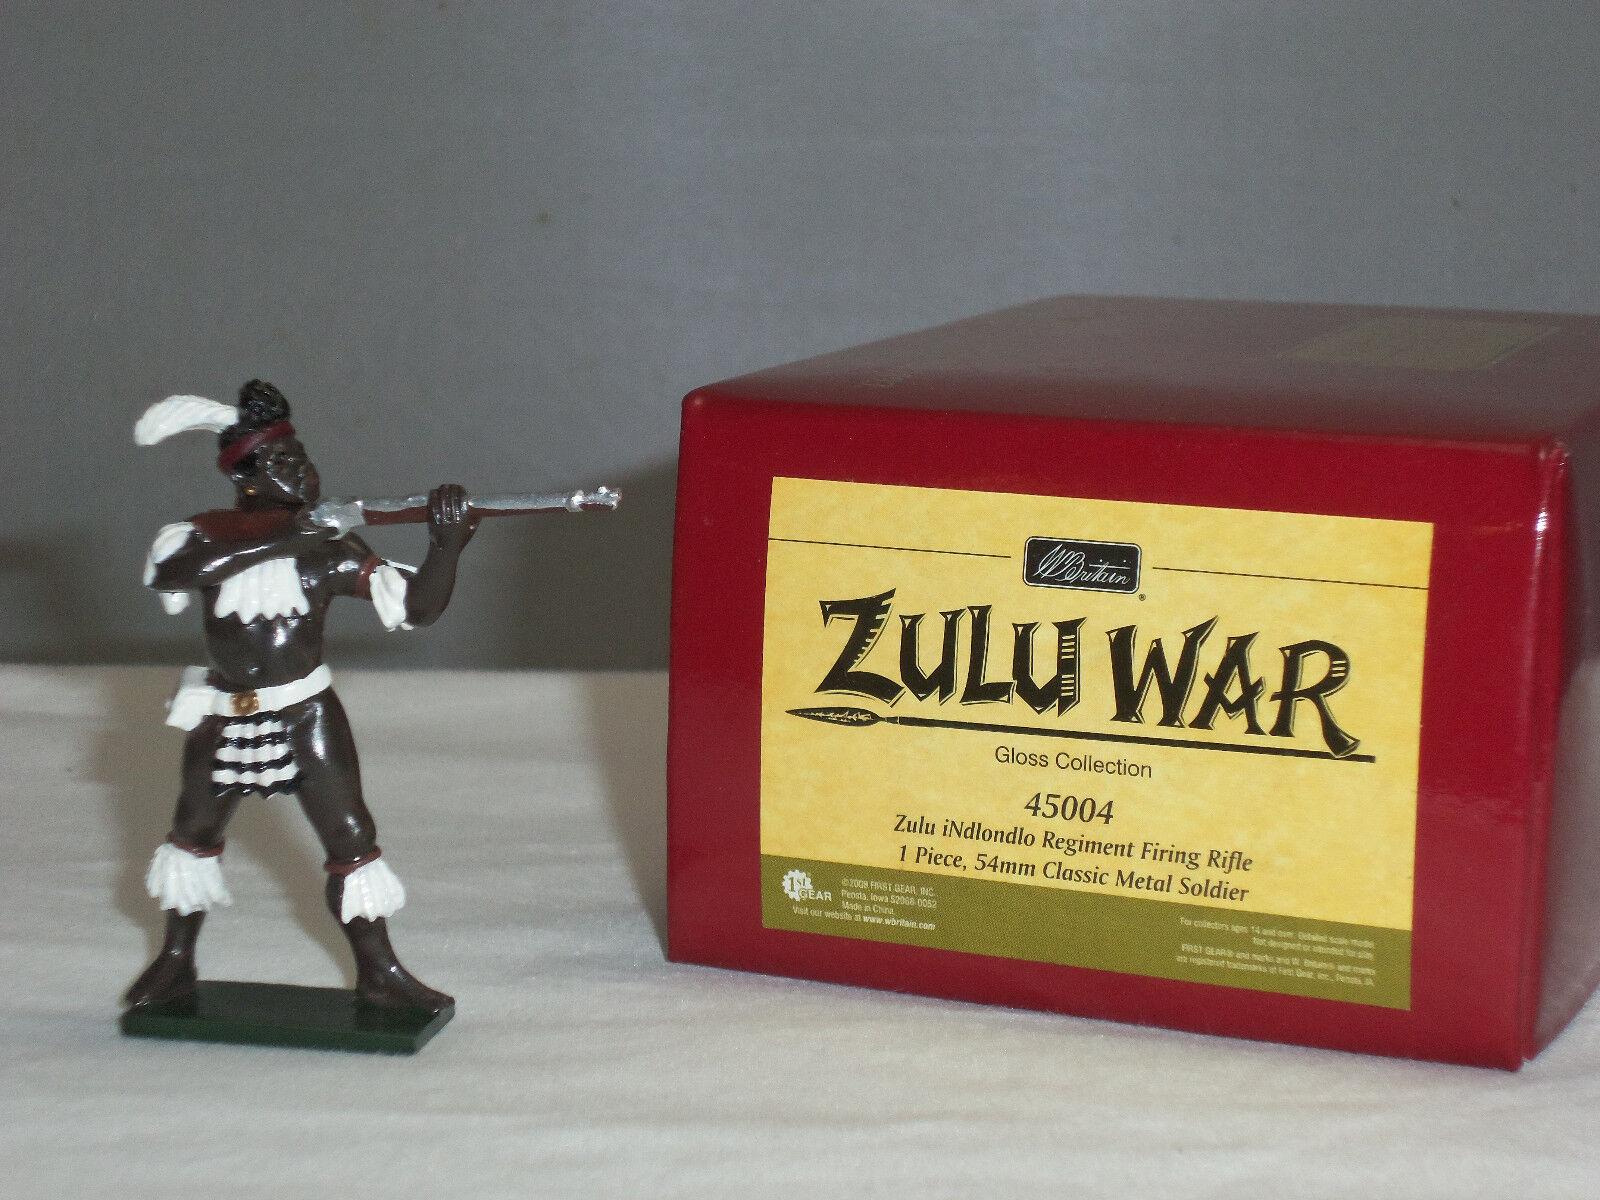 BRITAINS 45004 ZULU WAR INDLONDO REGIMENT WARRIOR STANDING FIRING TOY SOLDIER